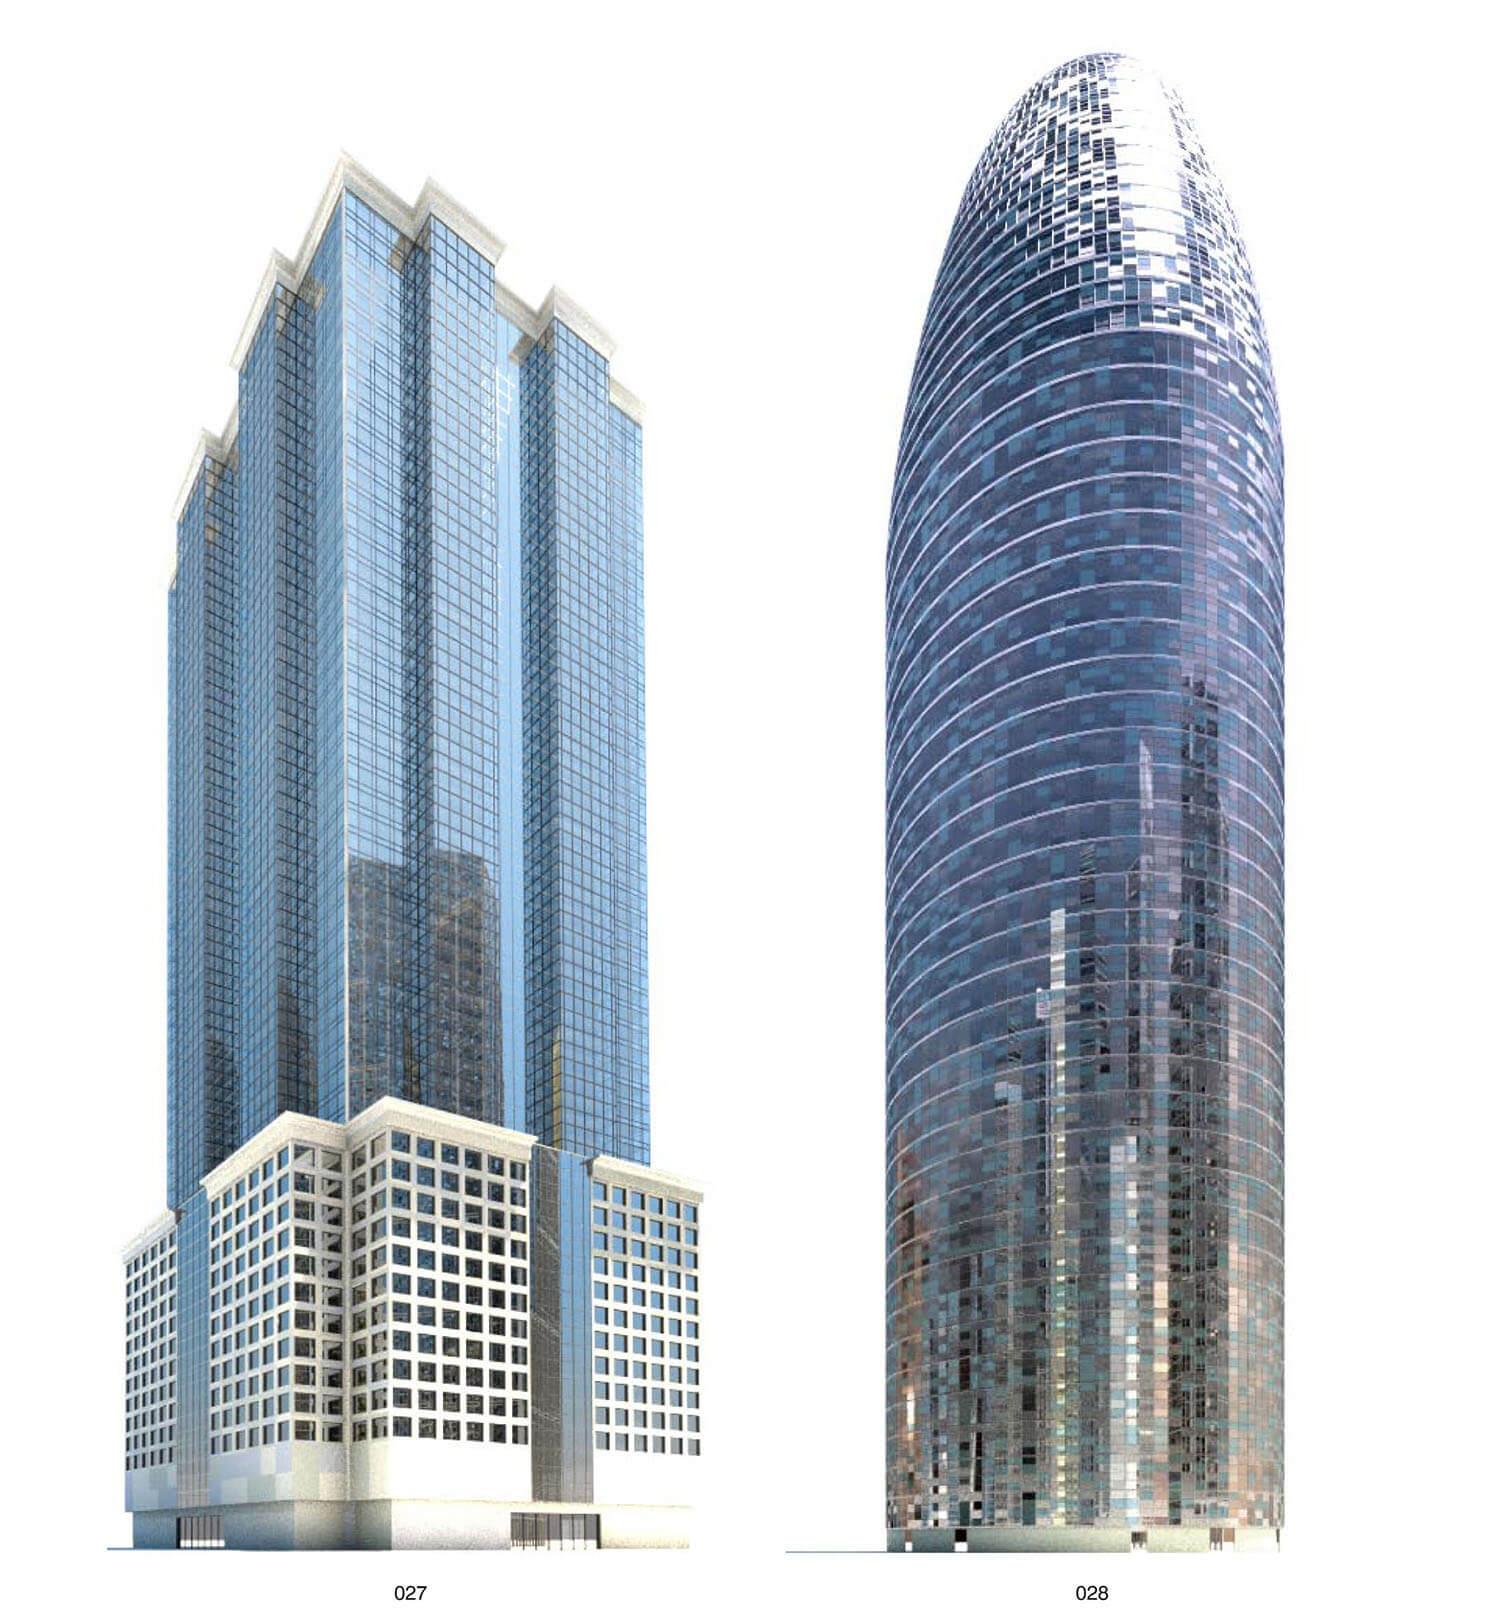 Mái kính nhọn như thỏi son - Nhà cao tầng với kiểu dáng rất đặc biệt